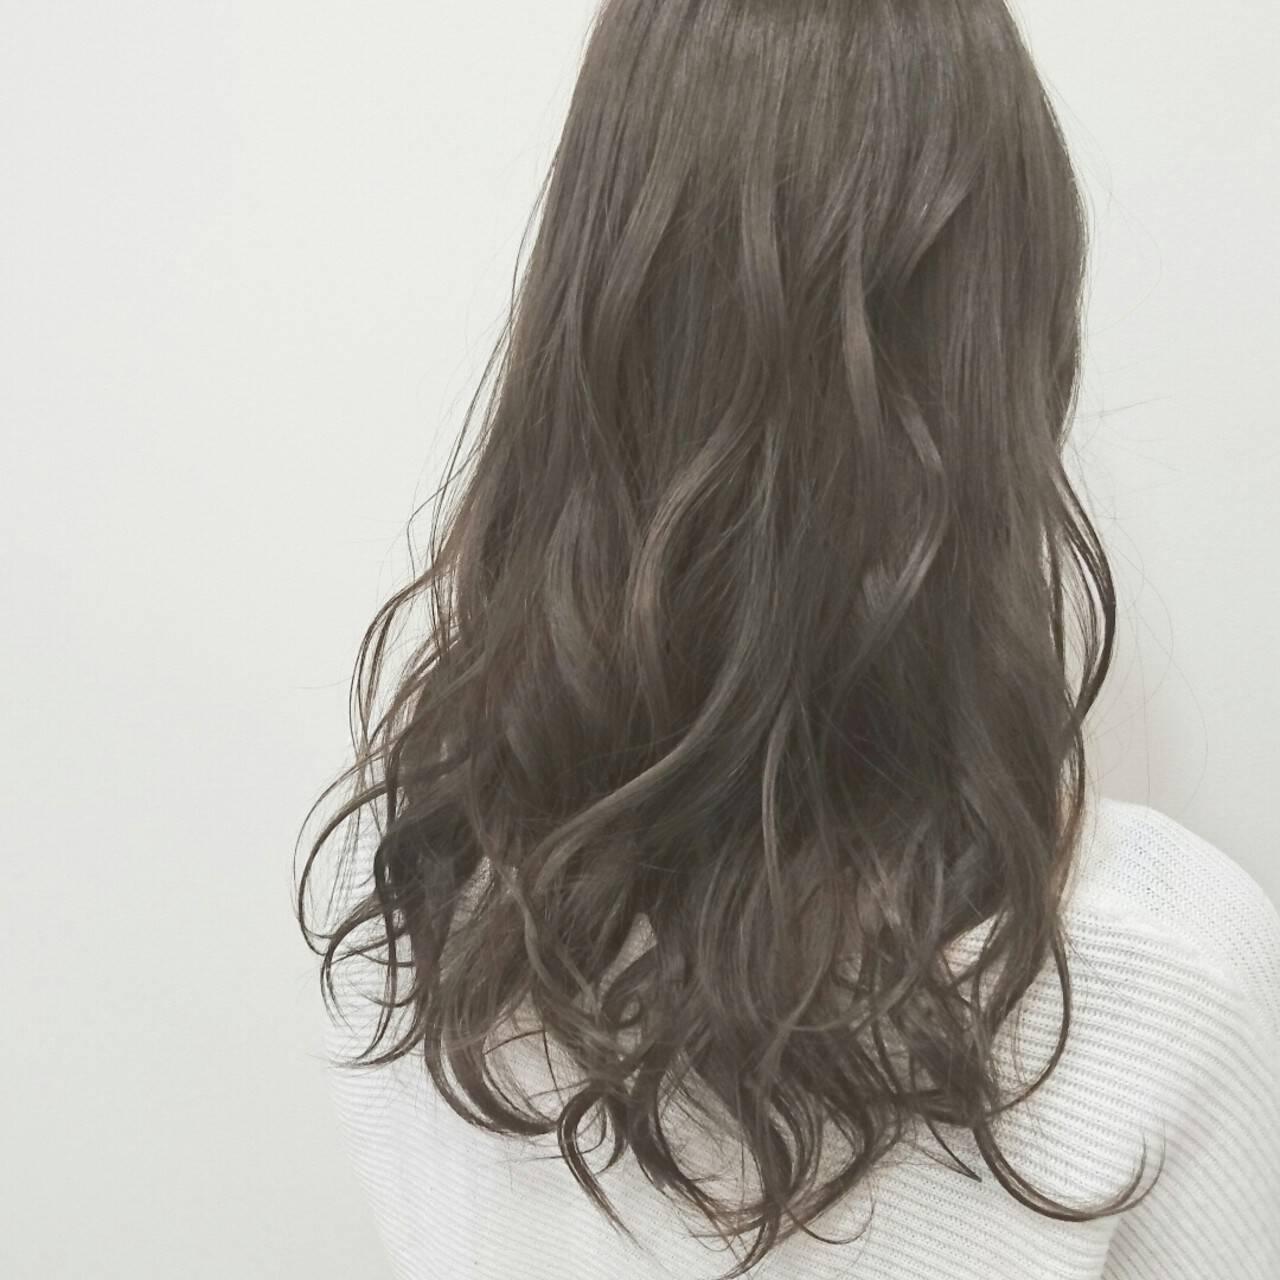 ロング 透明感 アッシュグレージュ アッシュグレーヘアスタイルや髪型の写真・画像